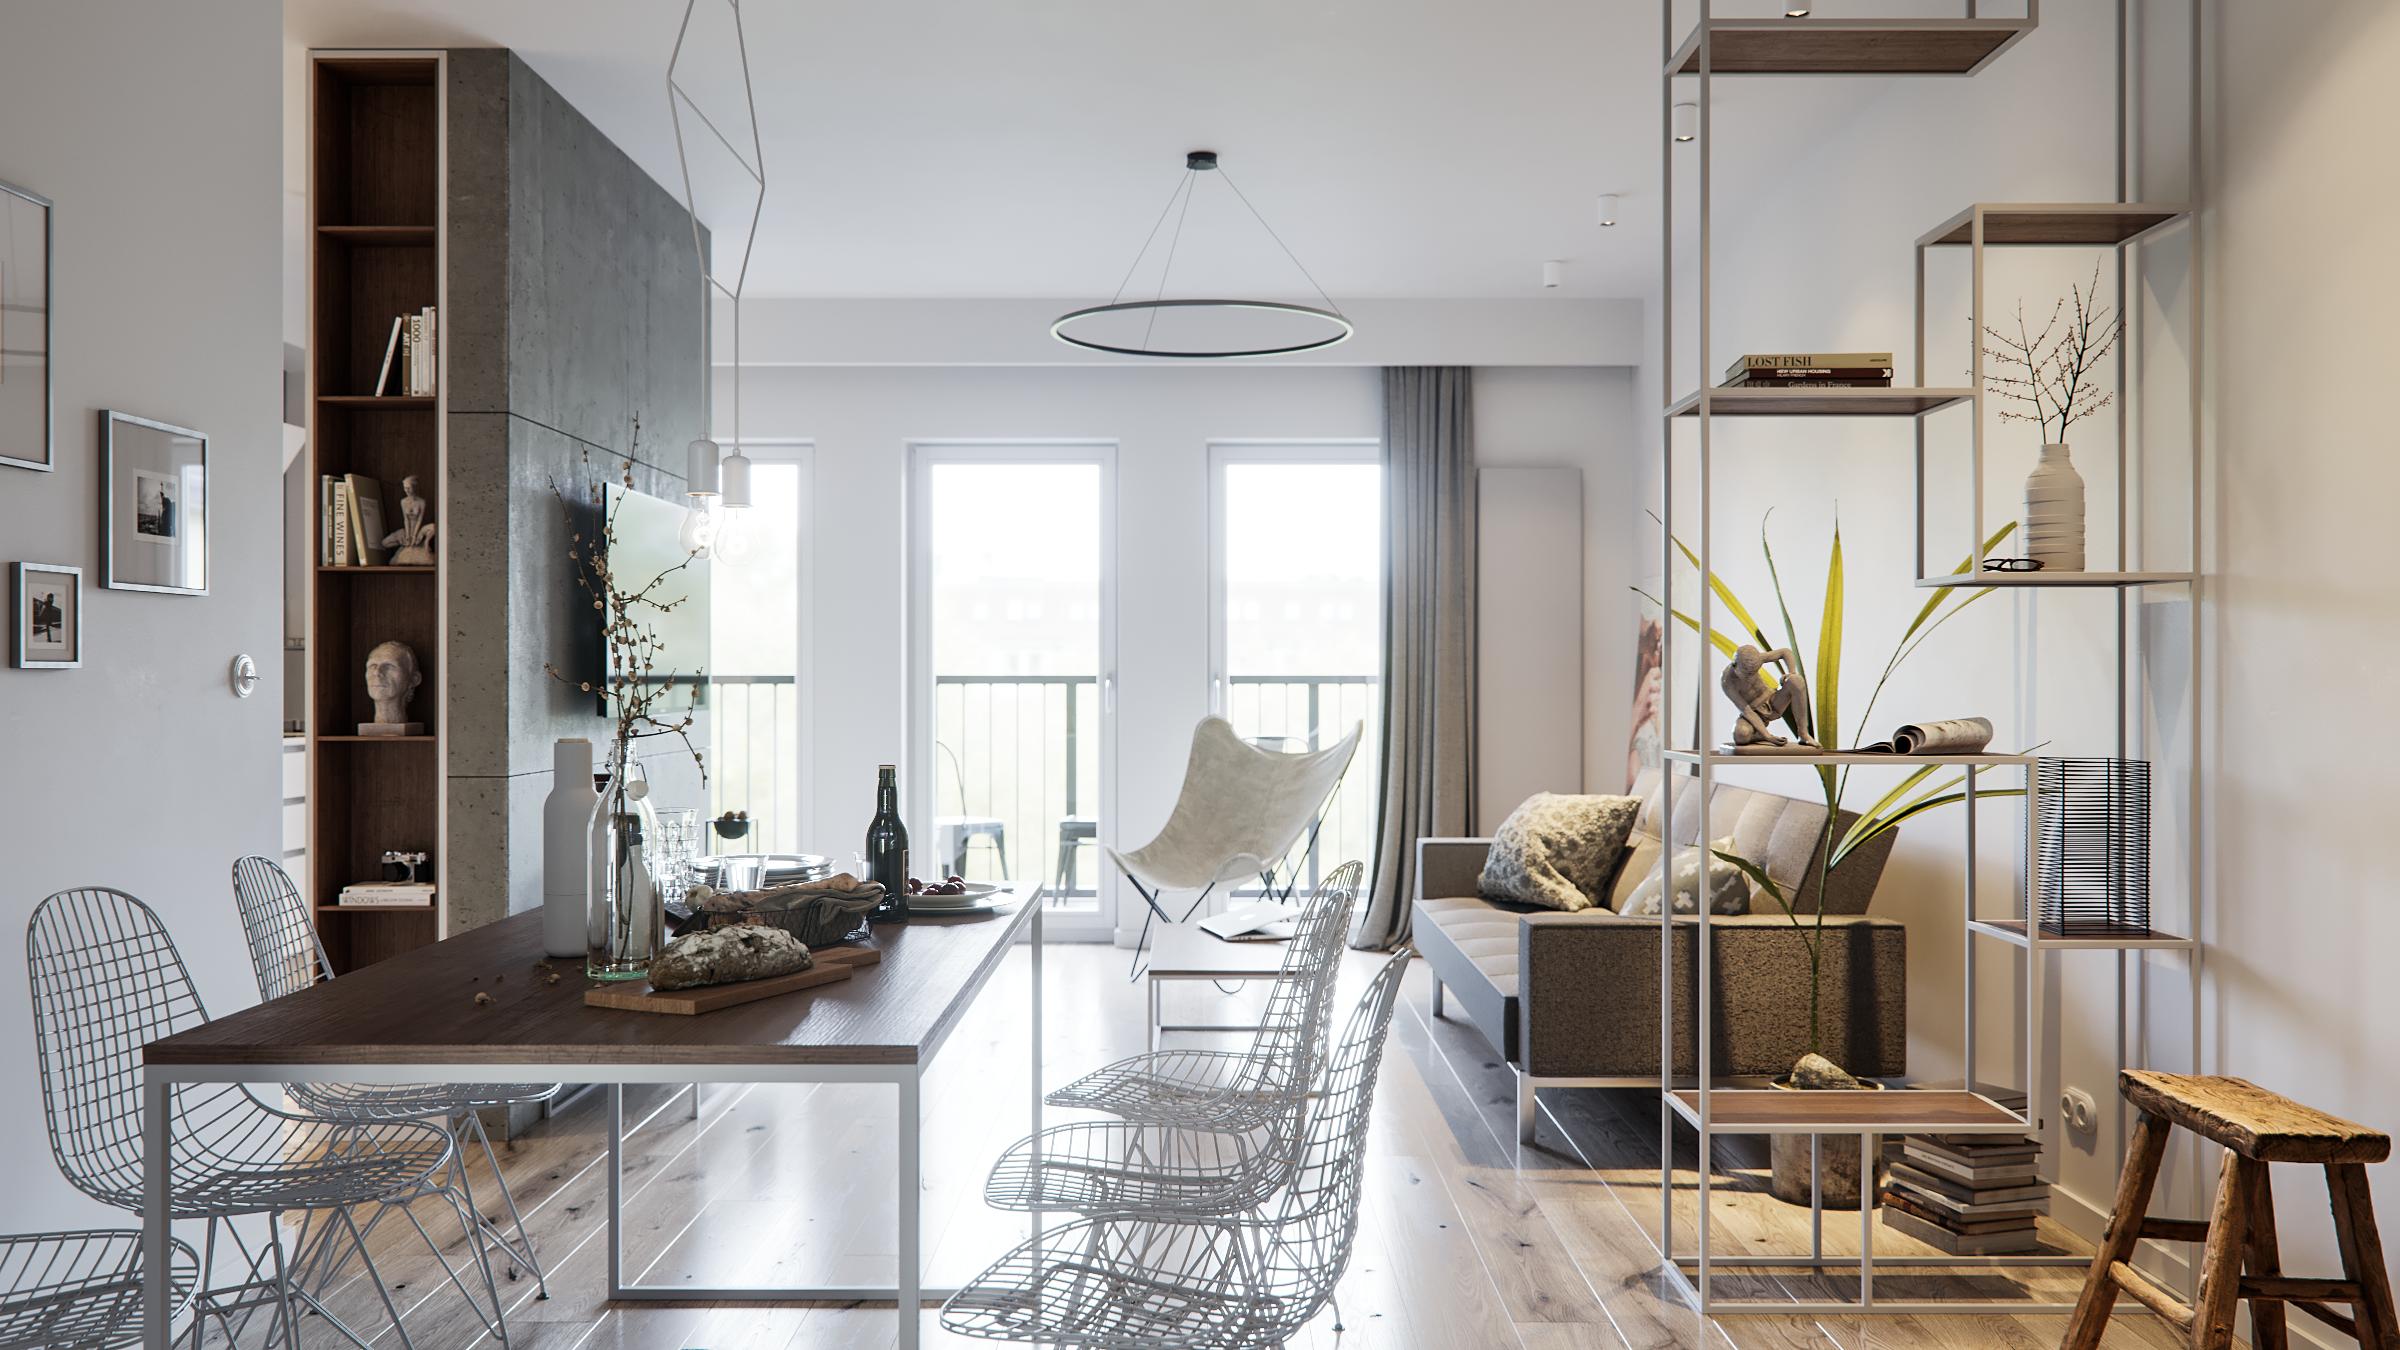 Lodz White Apartment on Behance House design, White